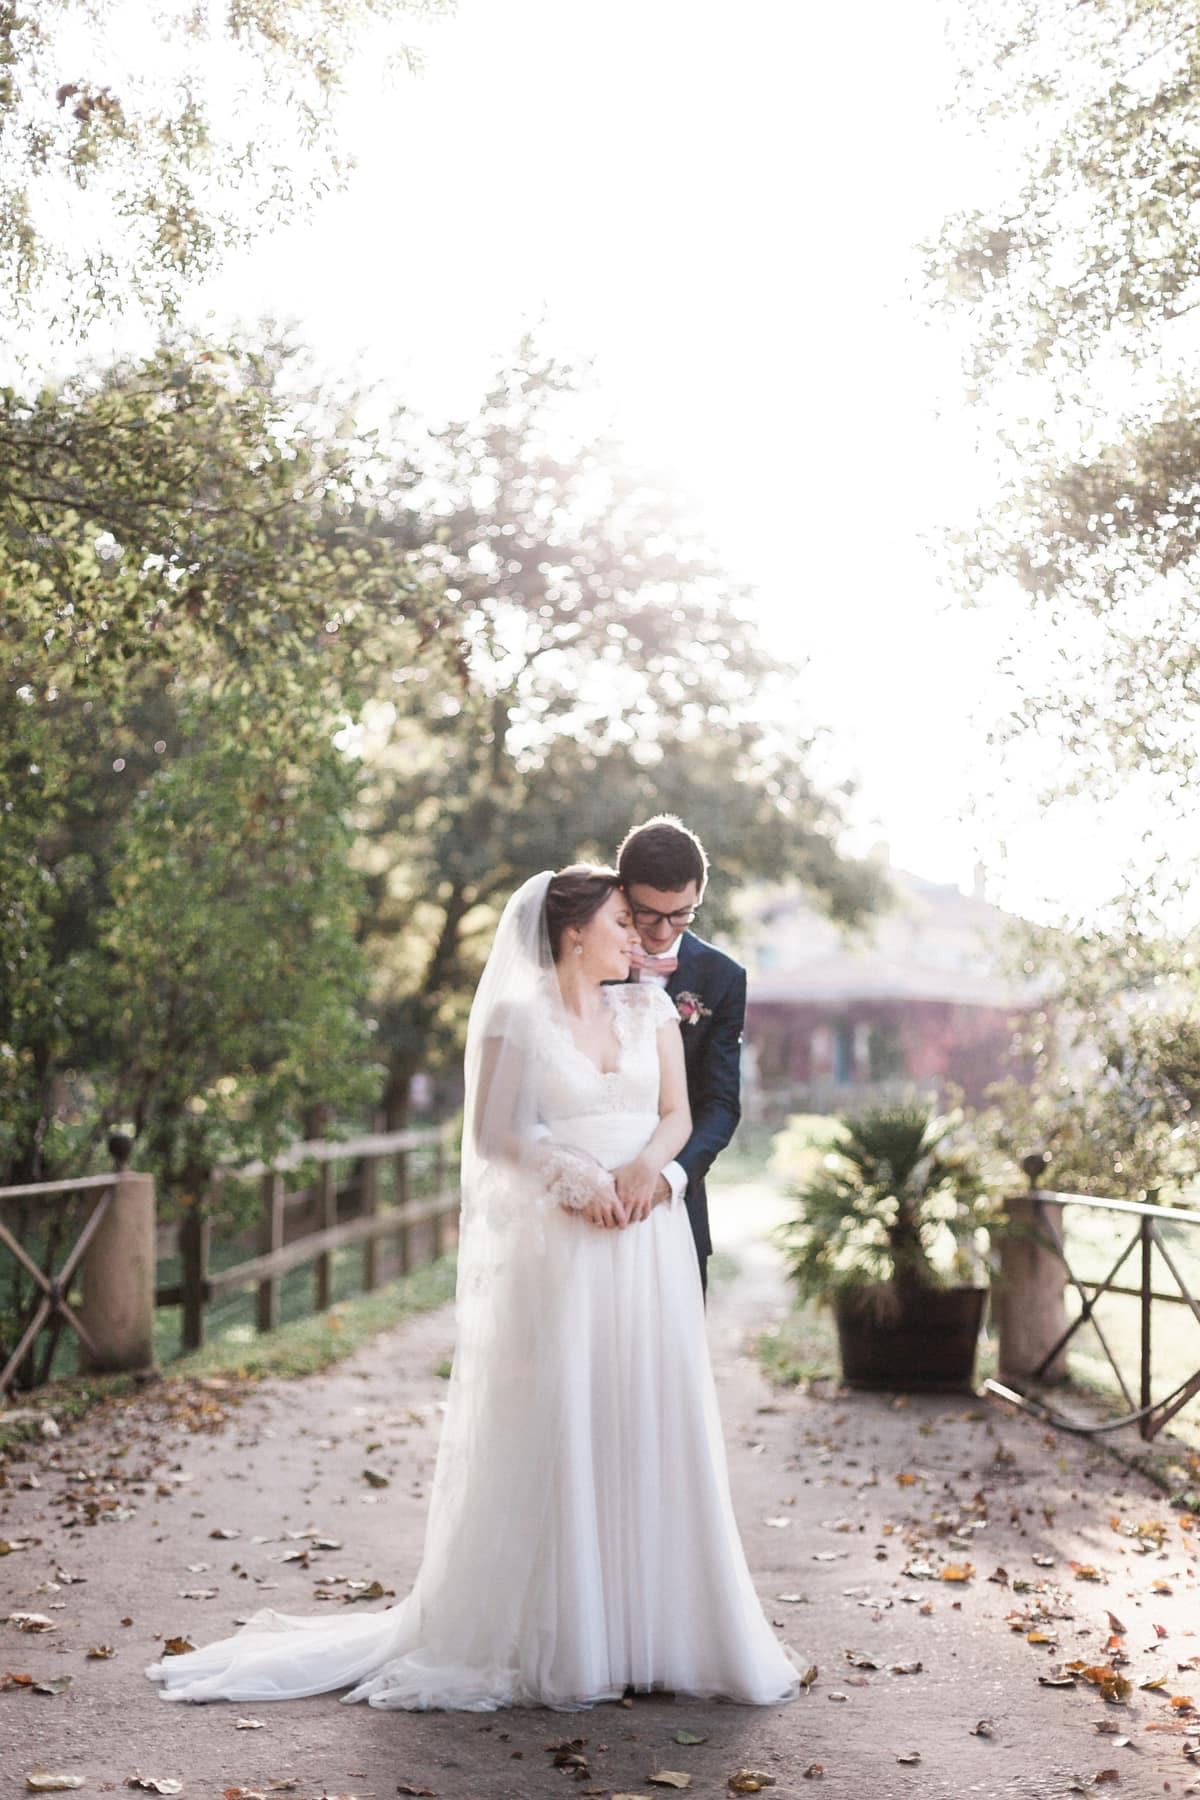 Photographe de mariage : photo de couple de mariés tendrement enlacés